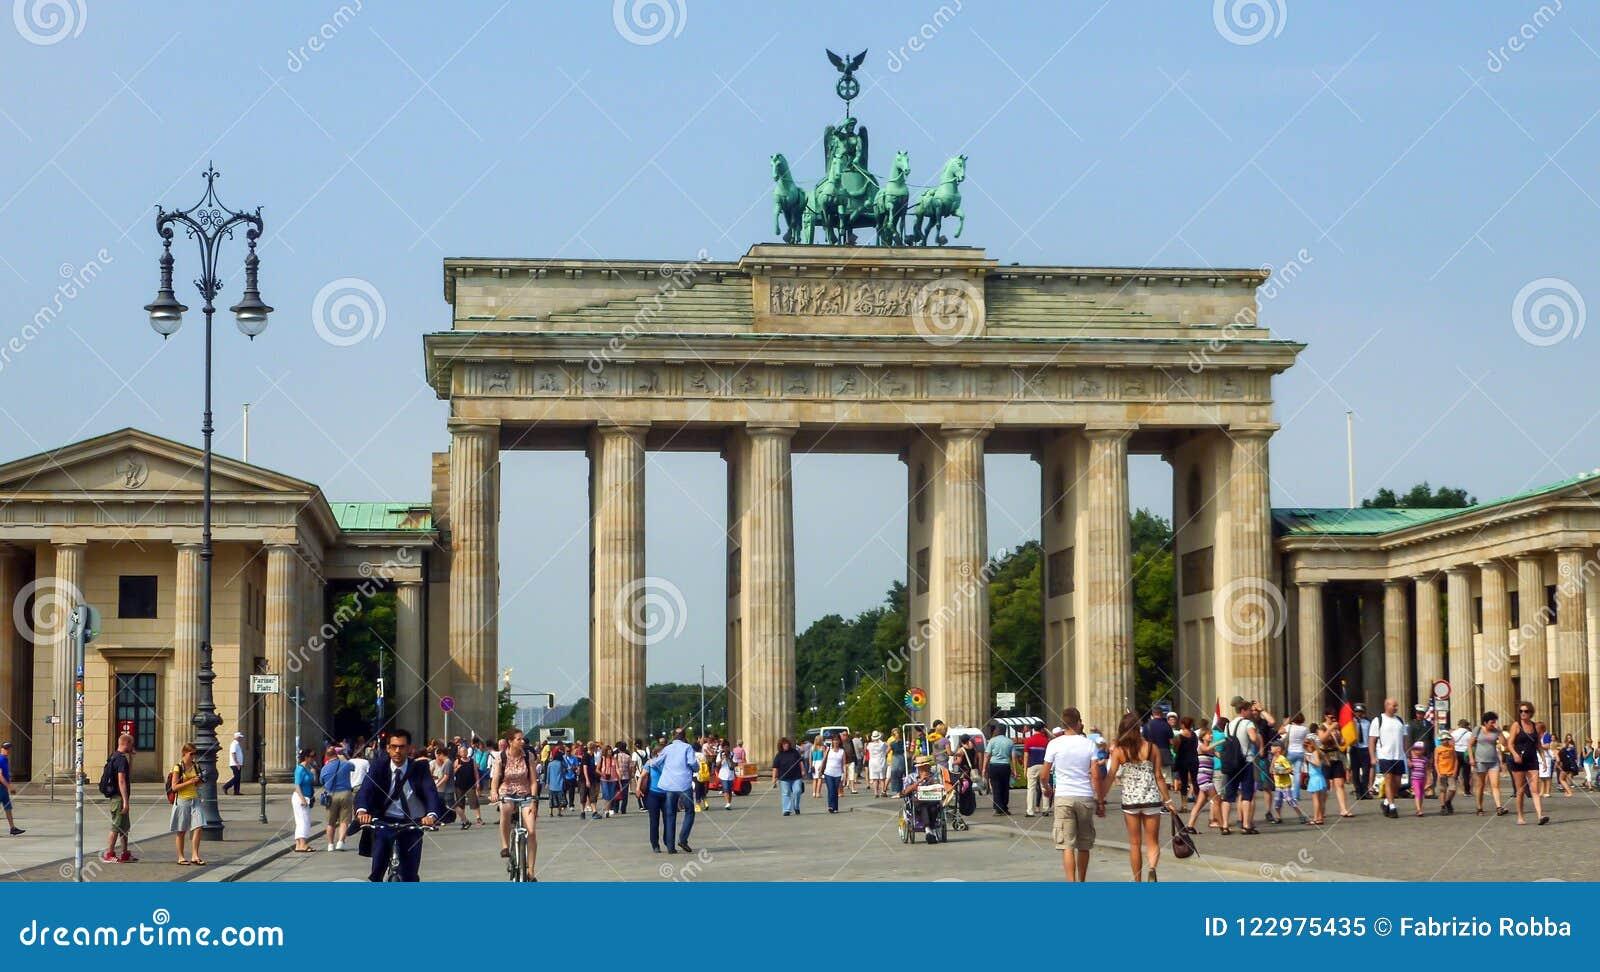 Cancello di Brandeburgo a Berlino, Germania